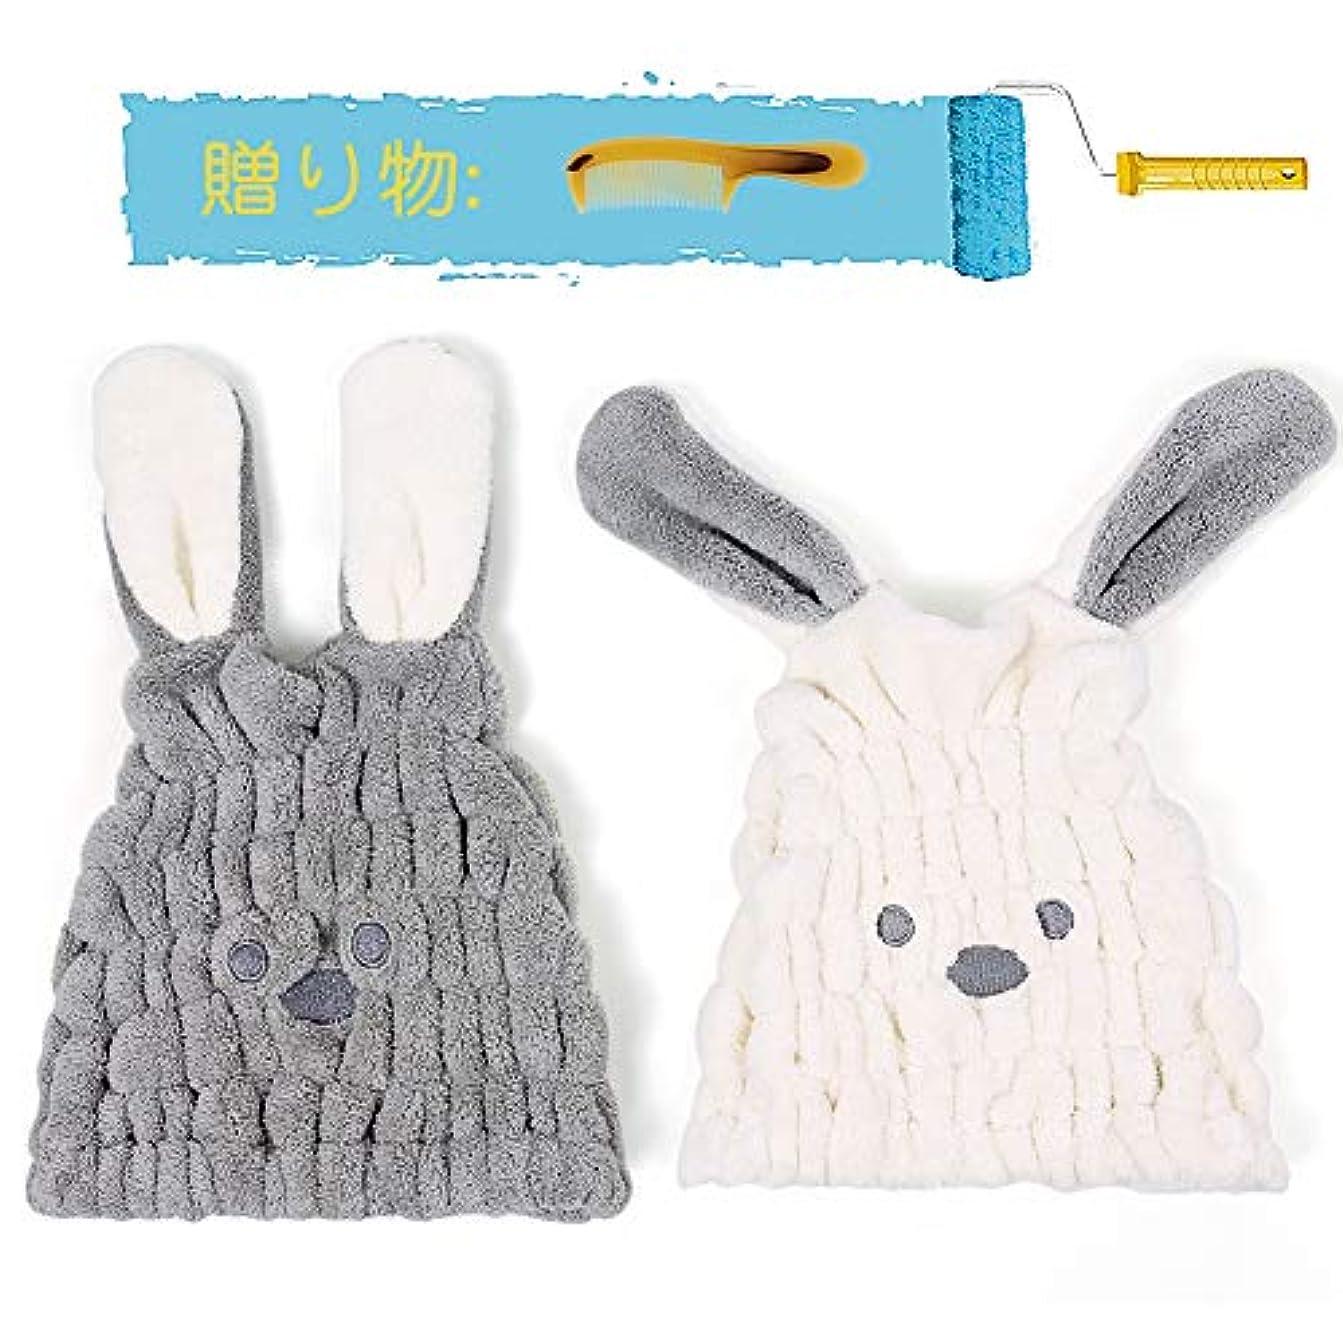 カプセル州変装したWisptime シャワーキャップ ヘアドライタオル タオルキャップ 髪 吸水 速乾 ヘアキャップ タオル 大人 子供 お風呂上がり 風邪を防ぐ バス用品 ウサギ 2枚セット